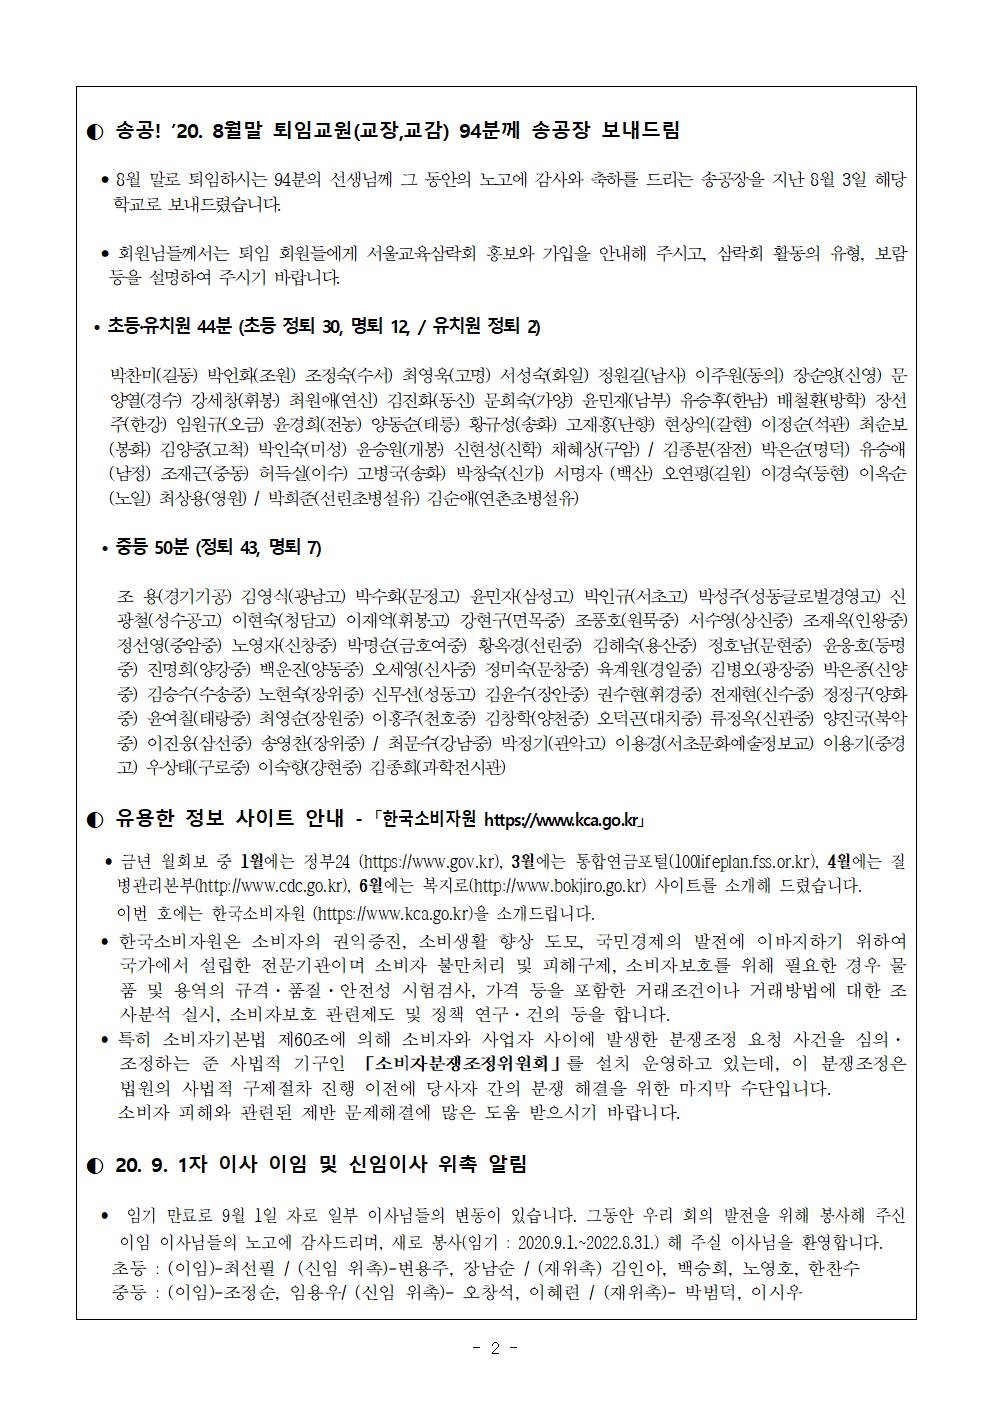 2020년9월보(187호, 9.1현재)002.png